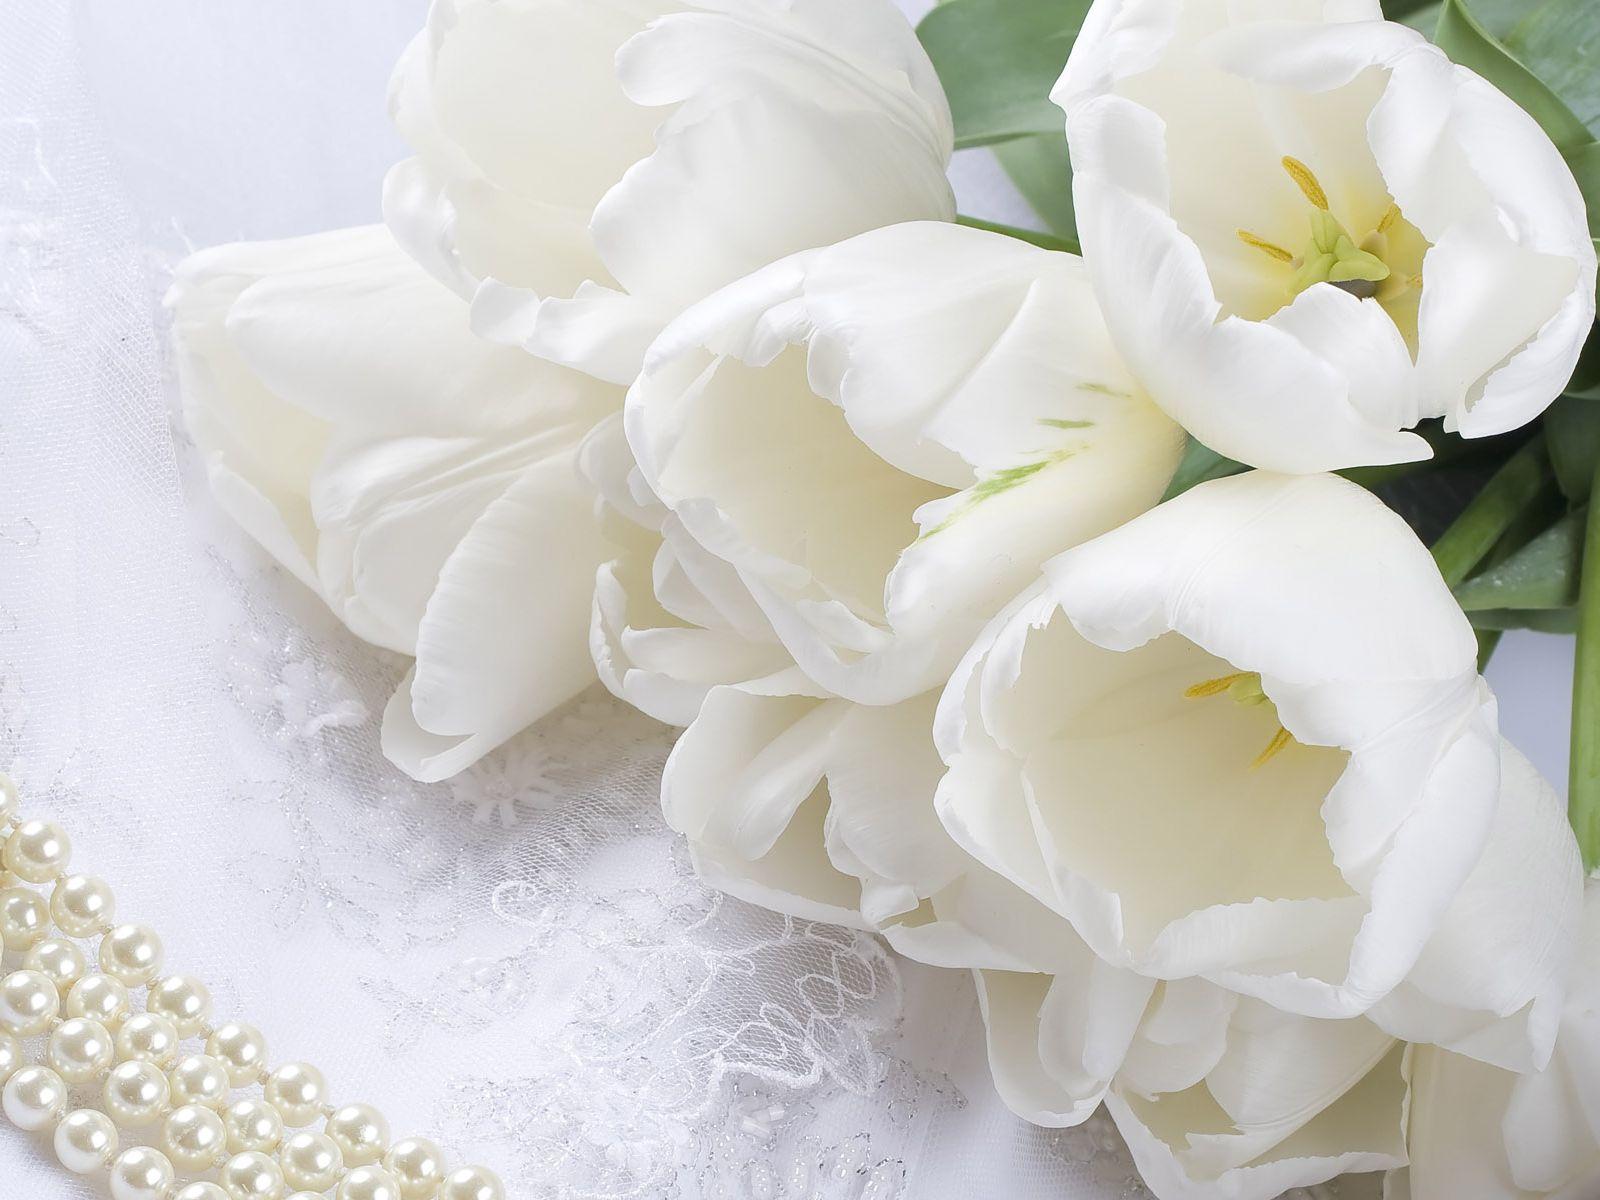 обои для стола тюльпаны: